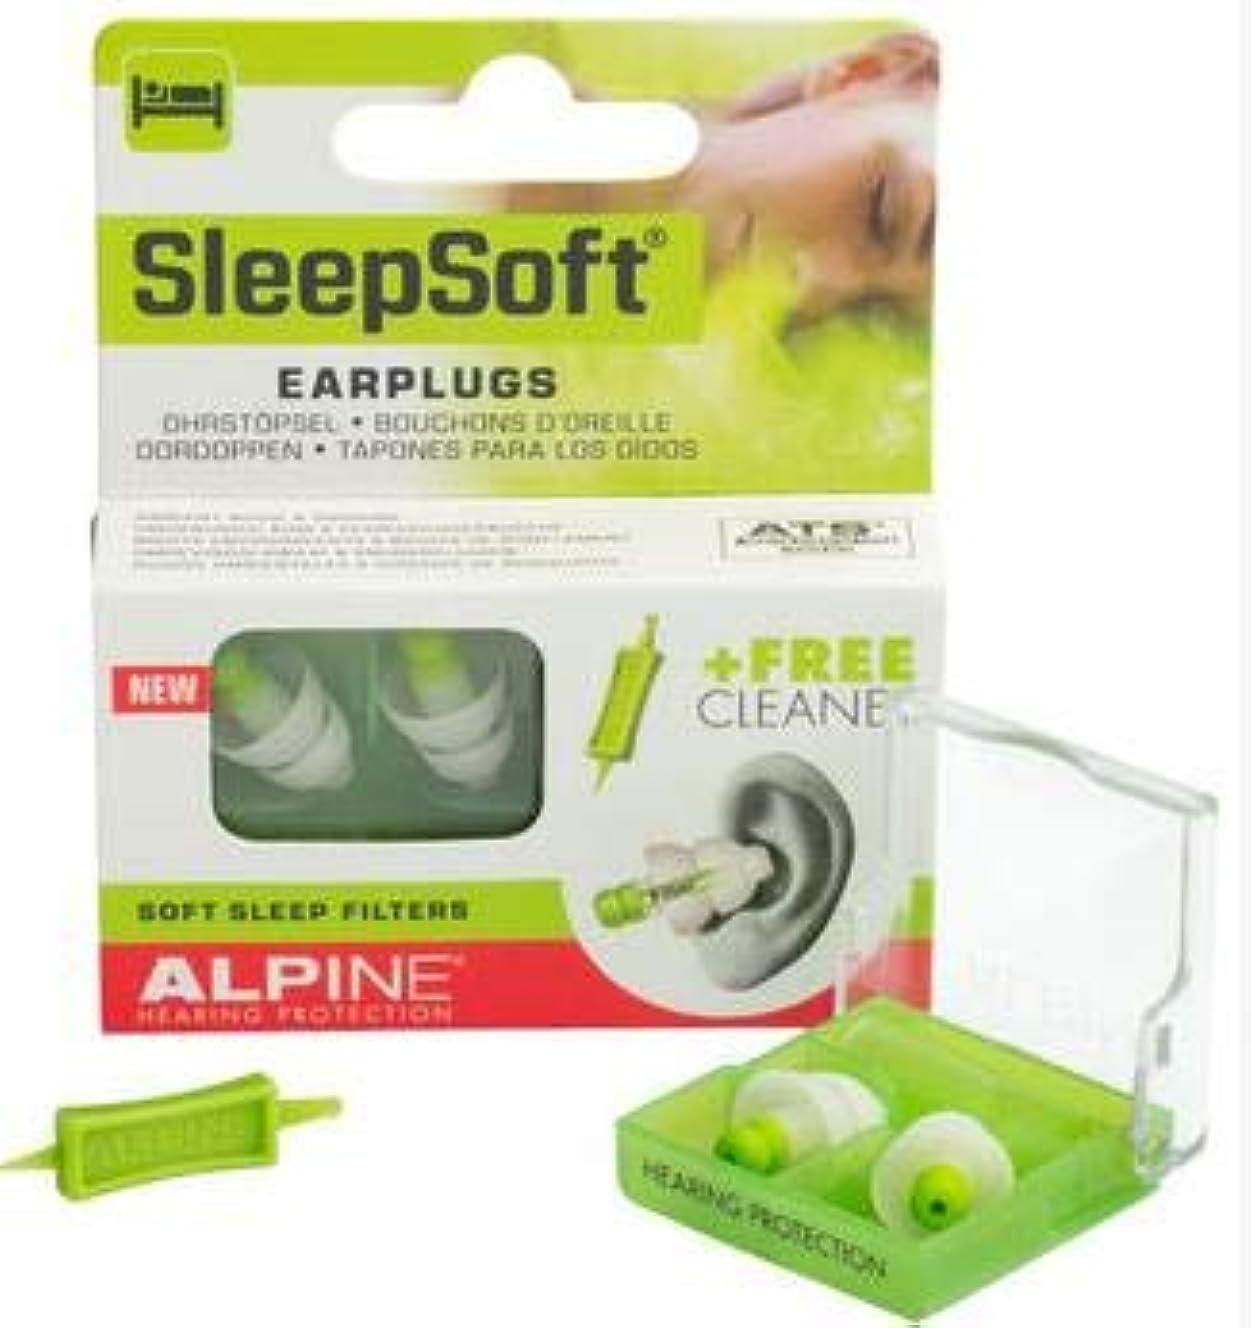 絶妙元気な気配りのあるNOTE Ms耳栓アンチいびき睡眠いびきをかく人騒音低減と快適携帯旅行のギフト